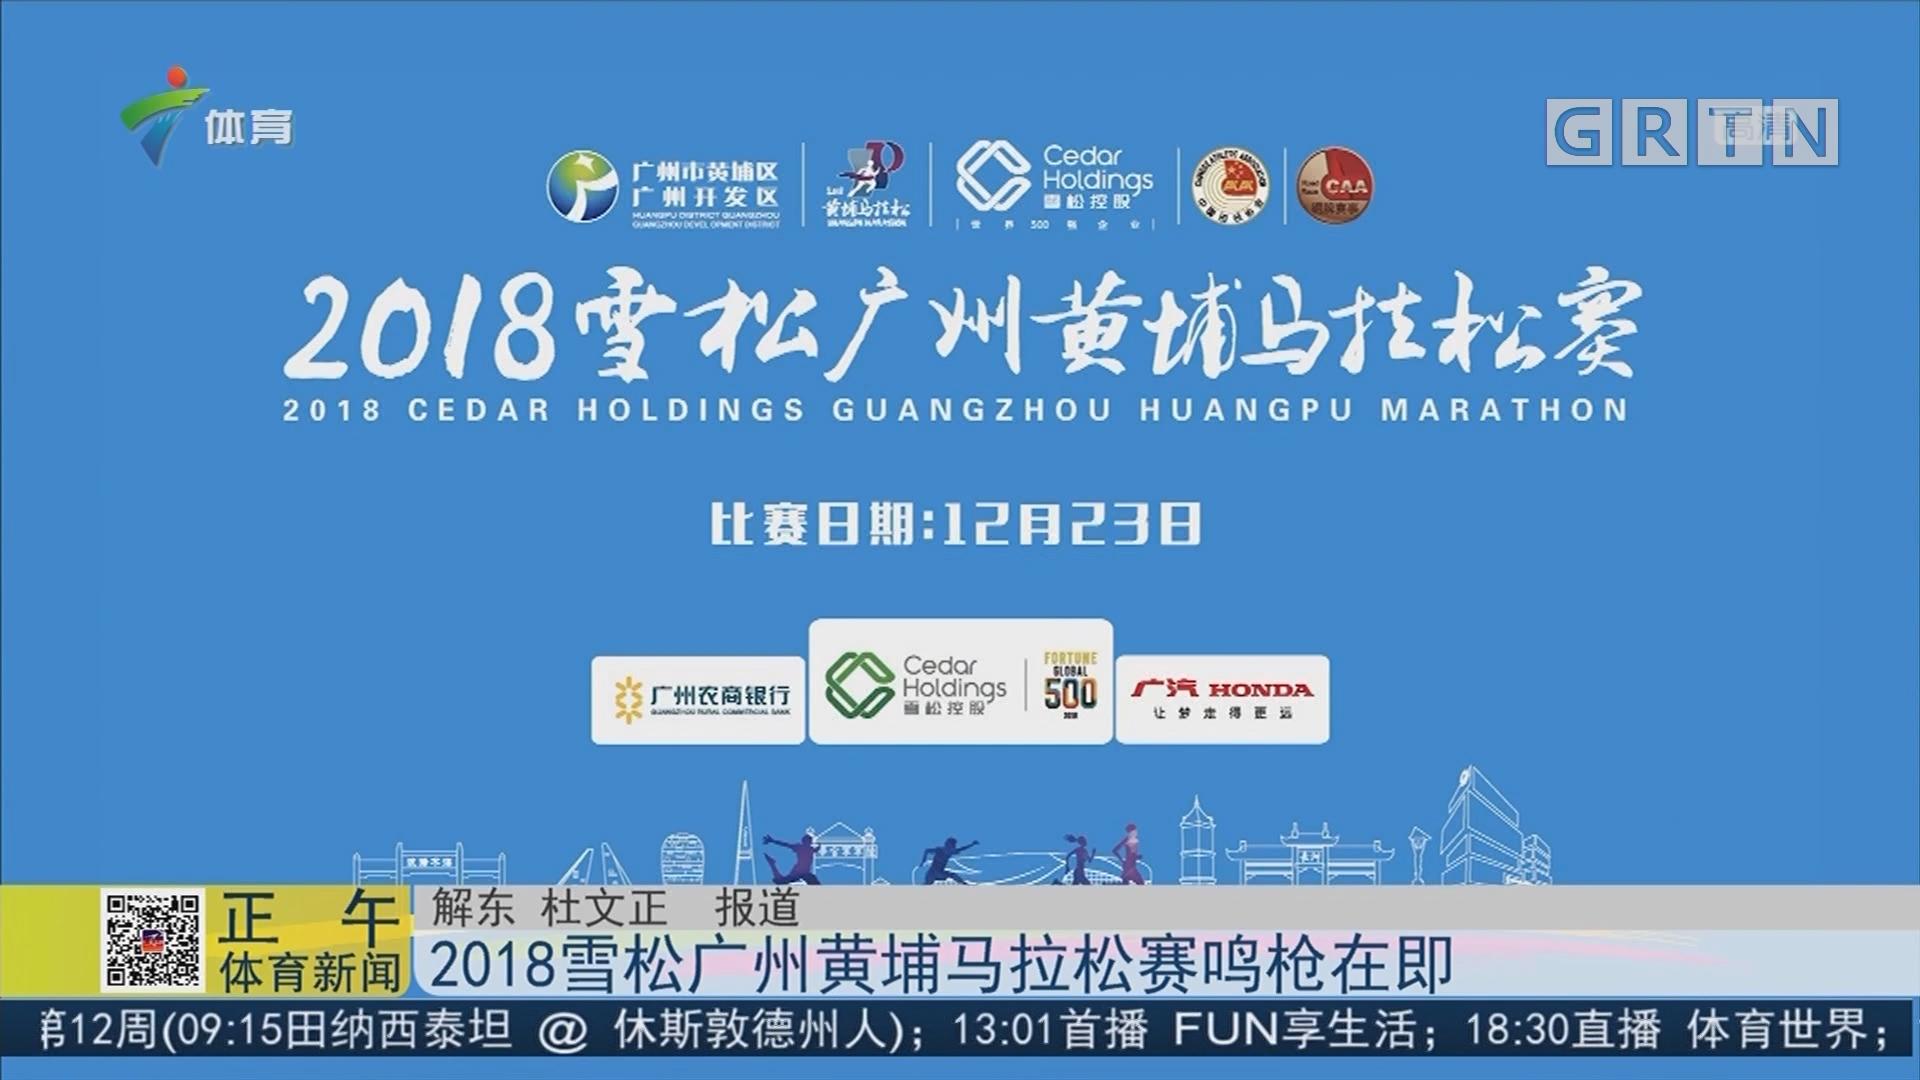 2018雪松广州黄埔马拉松赛鸣枪在即